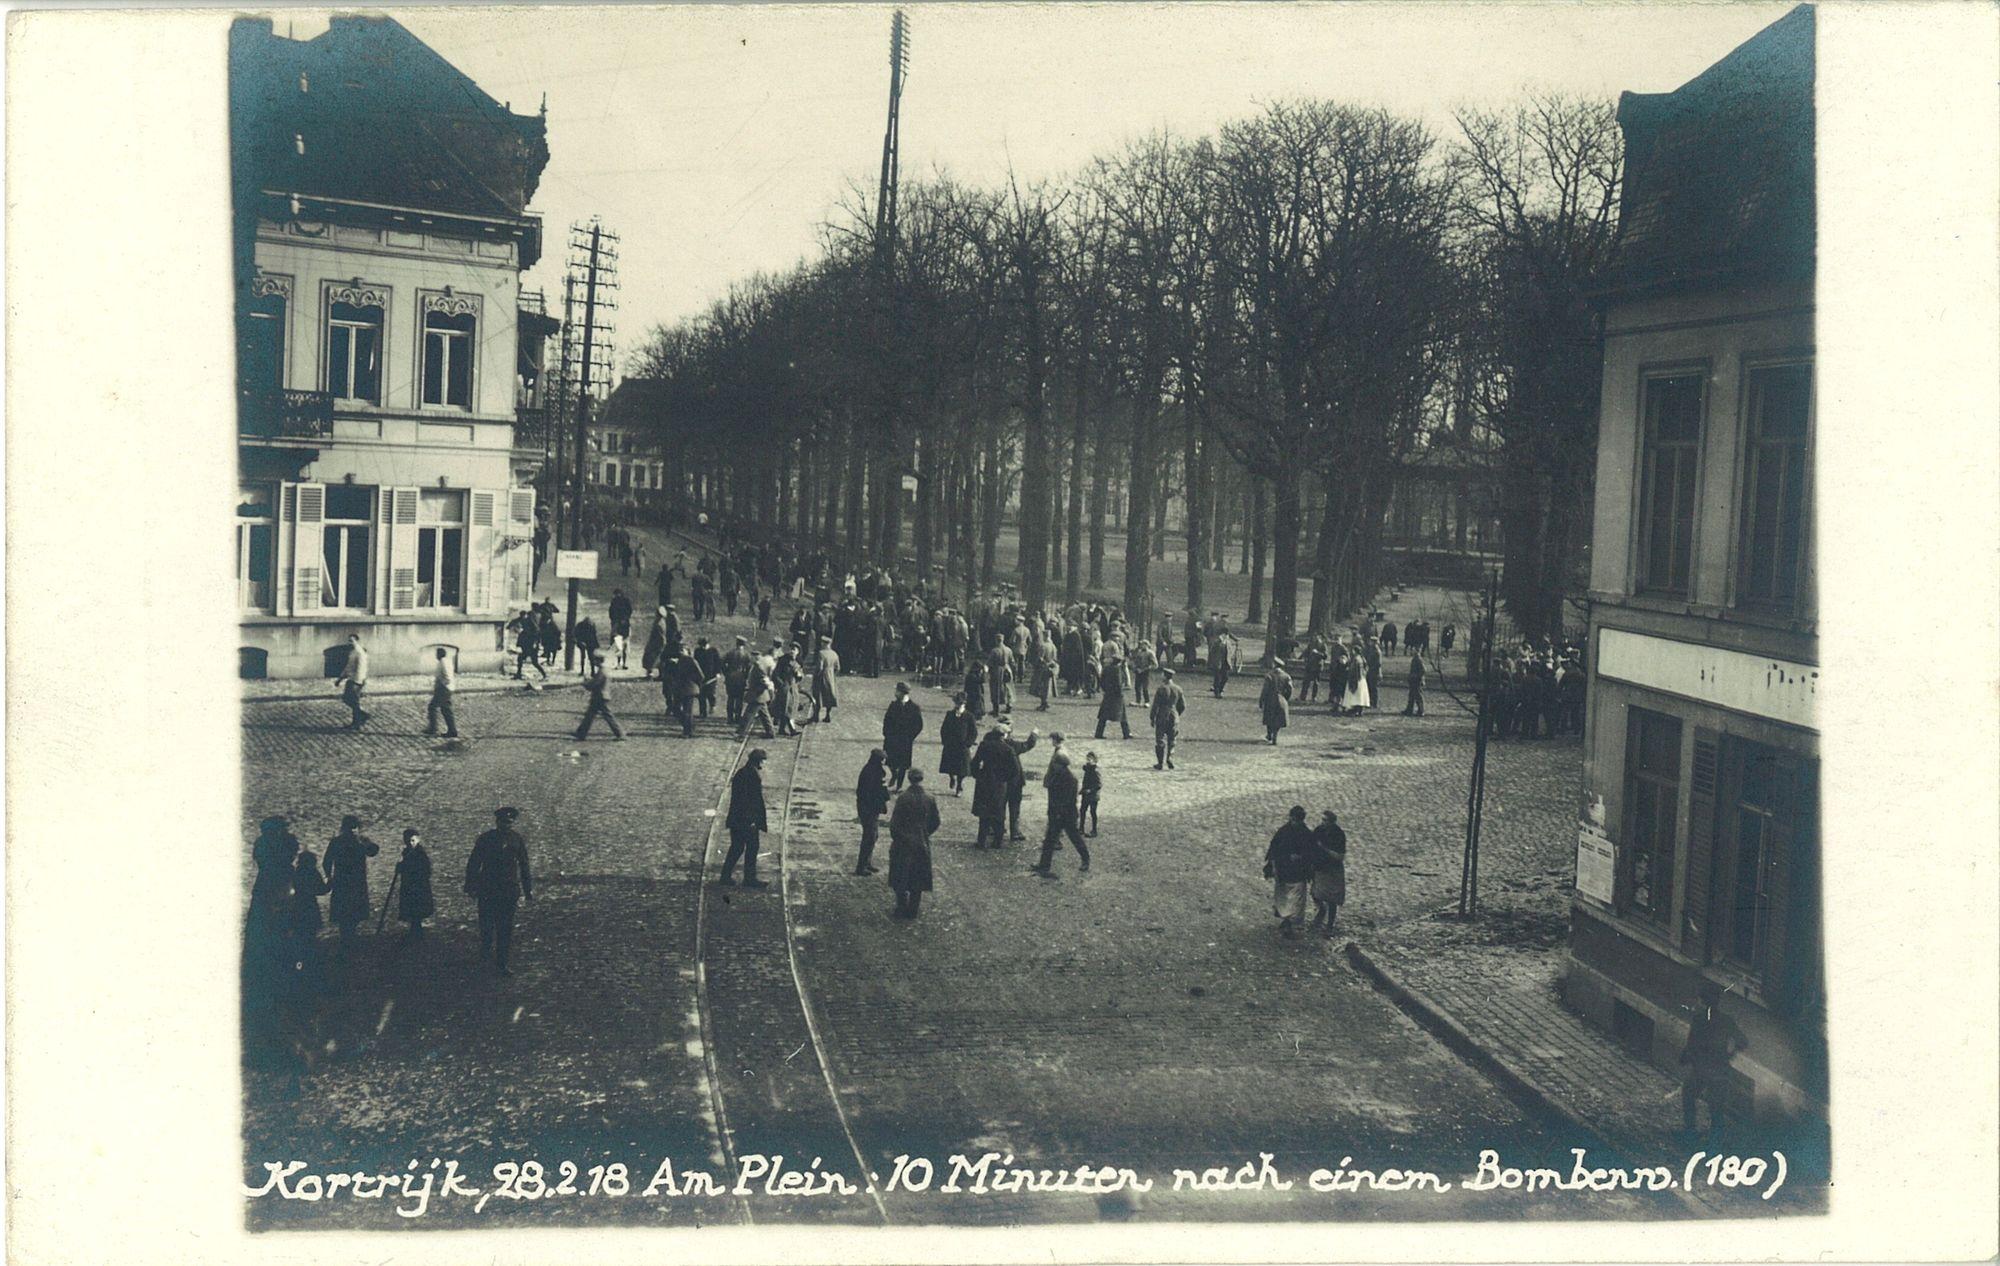 Plein in 1918